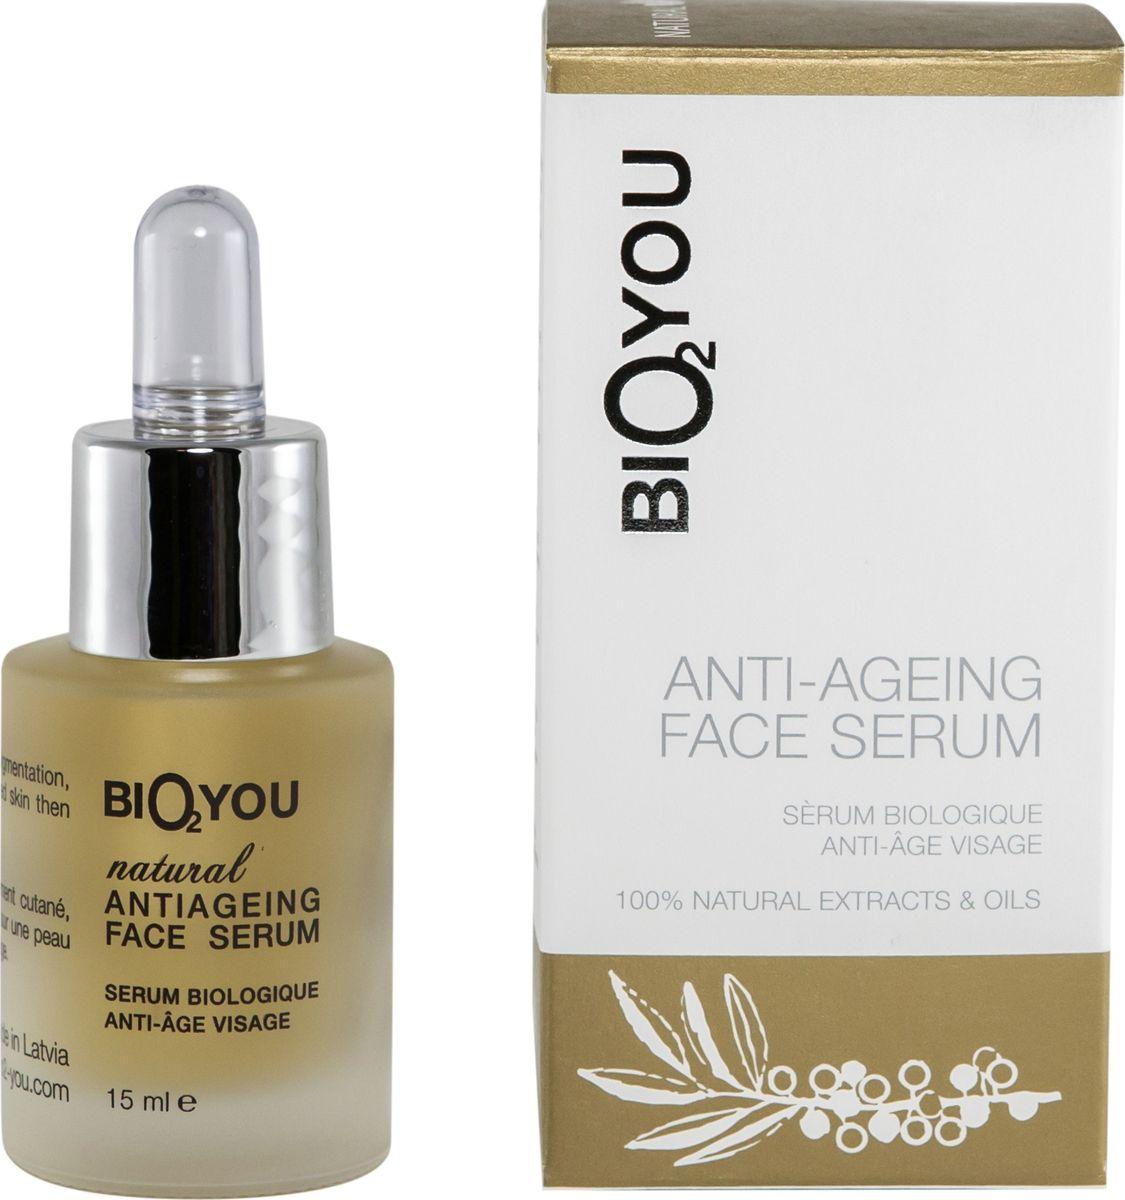 BIO2You Anti-age Skin Care Натуральная омолаживающая сыворотка, 15 мл960138Ценная натуральная формула эффективно борется со старением и морщинками до того, как они станут заметными. улучшает и повышает способность кожи длительное время удерживать влагу. Очень хорошо смягчает кожу и стимулирует образование коллагена. Способна подавлять пигментацию кожи и разрушать меланин, и может использоваться для отбеливания темных участков кожи. Улучшает восстановление тканей, усиливает микроциркуляцию и восстановление кожи.